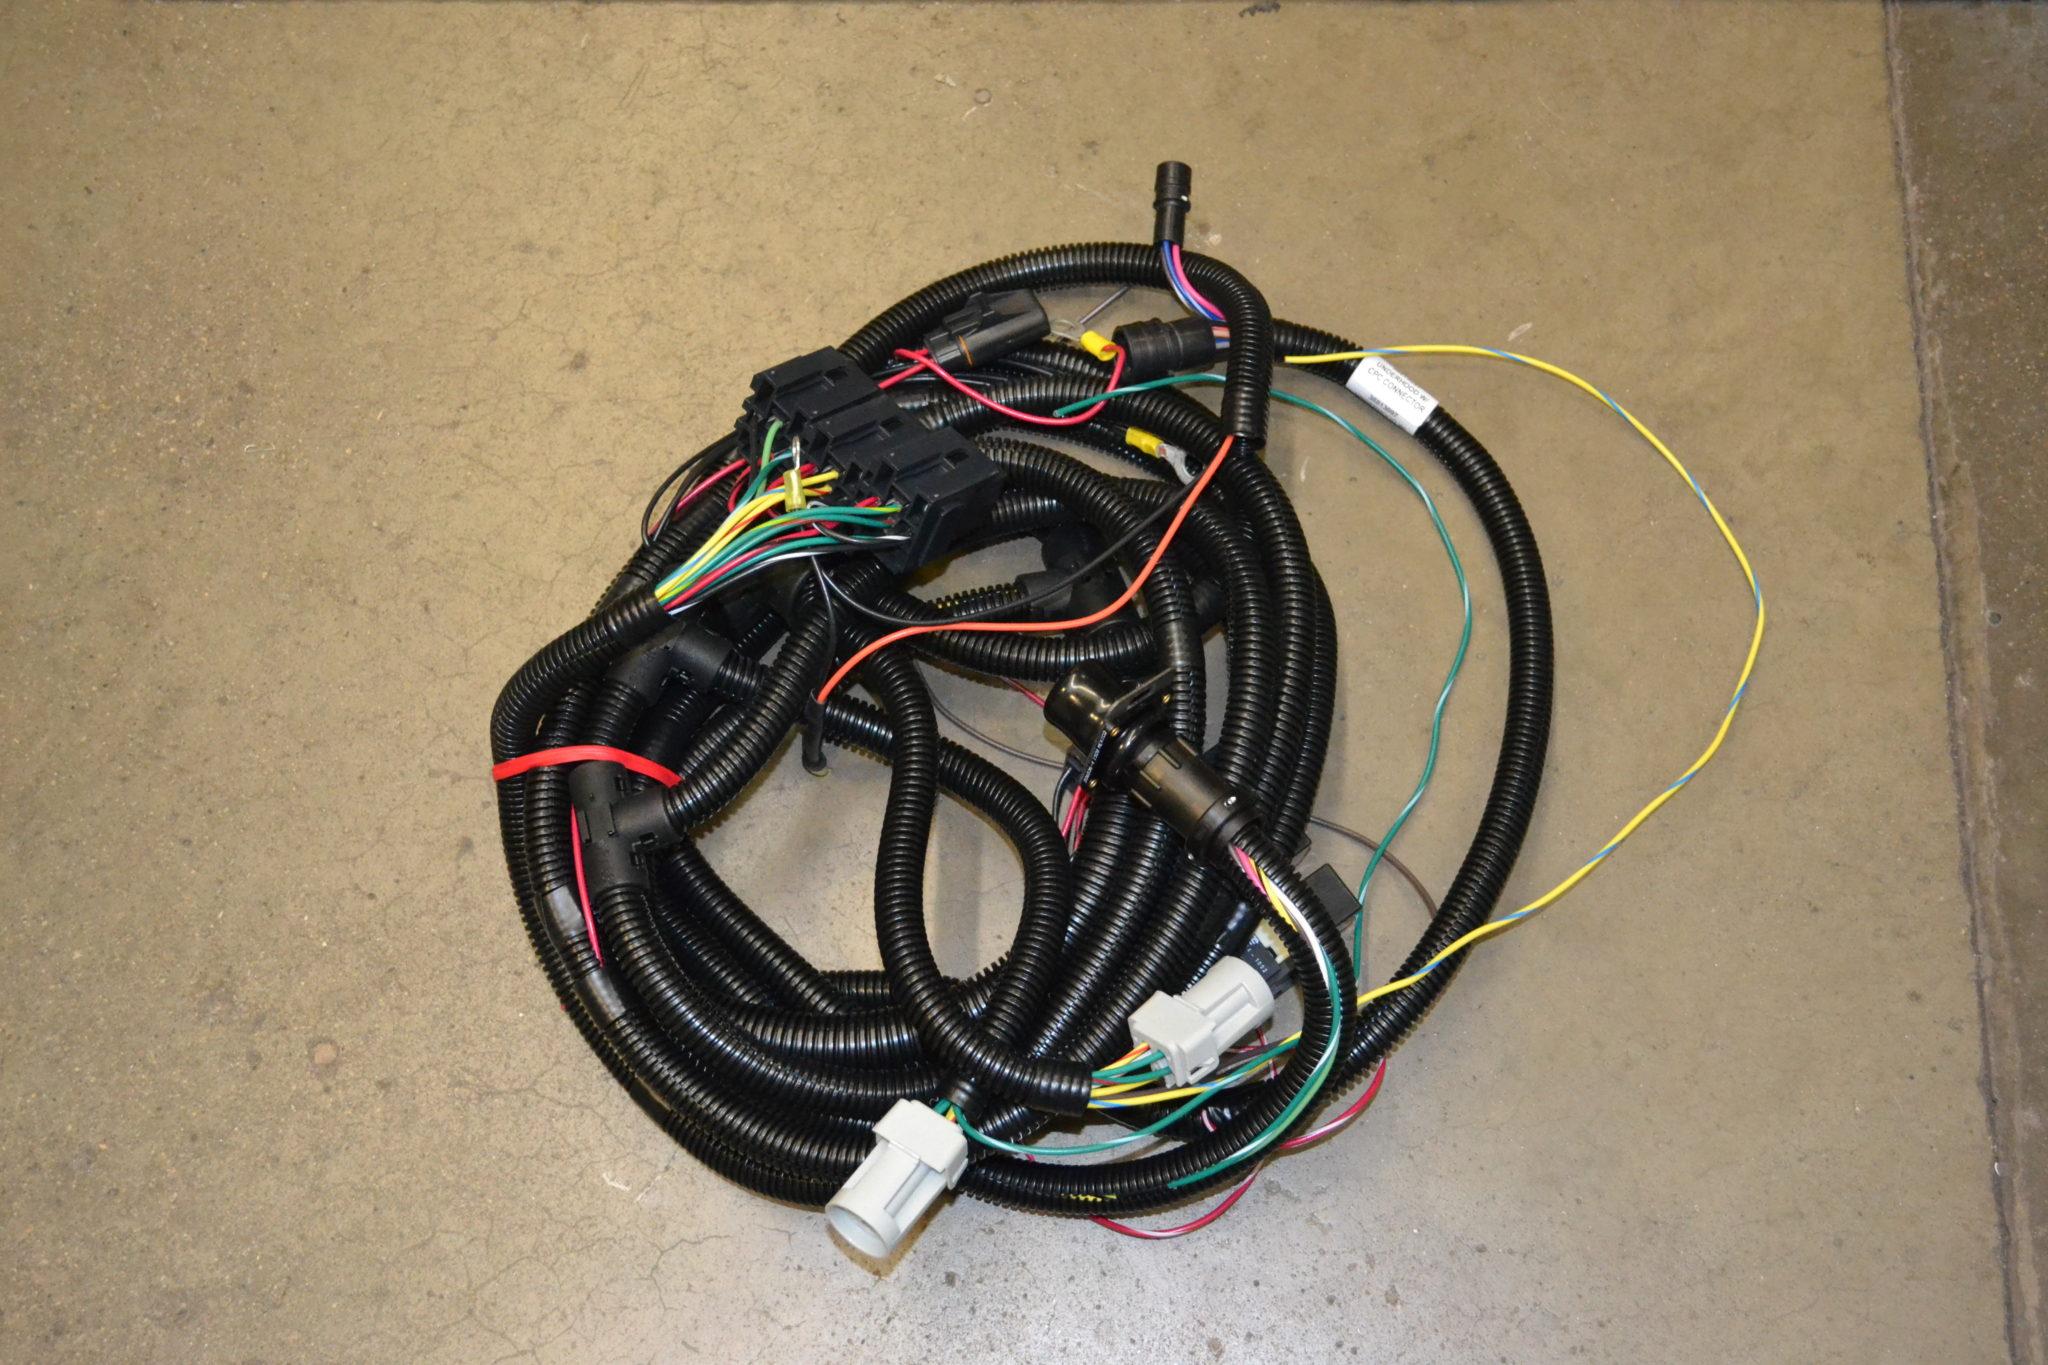 hiniker wiring harness underhood    harness           hiniker    snowplow toppers and  underhood    harness           hiniker    snowplow toppers and